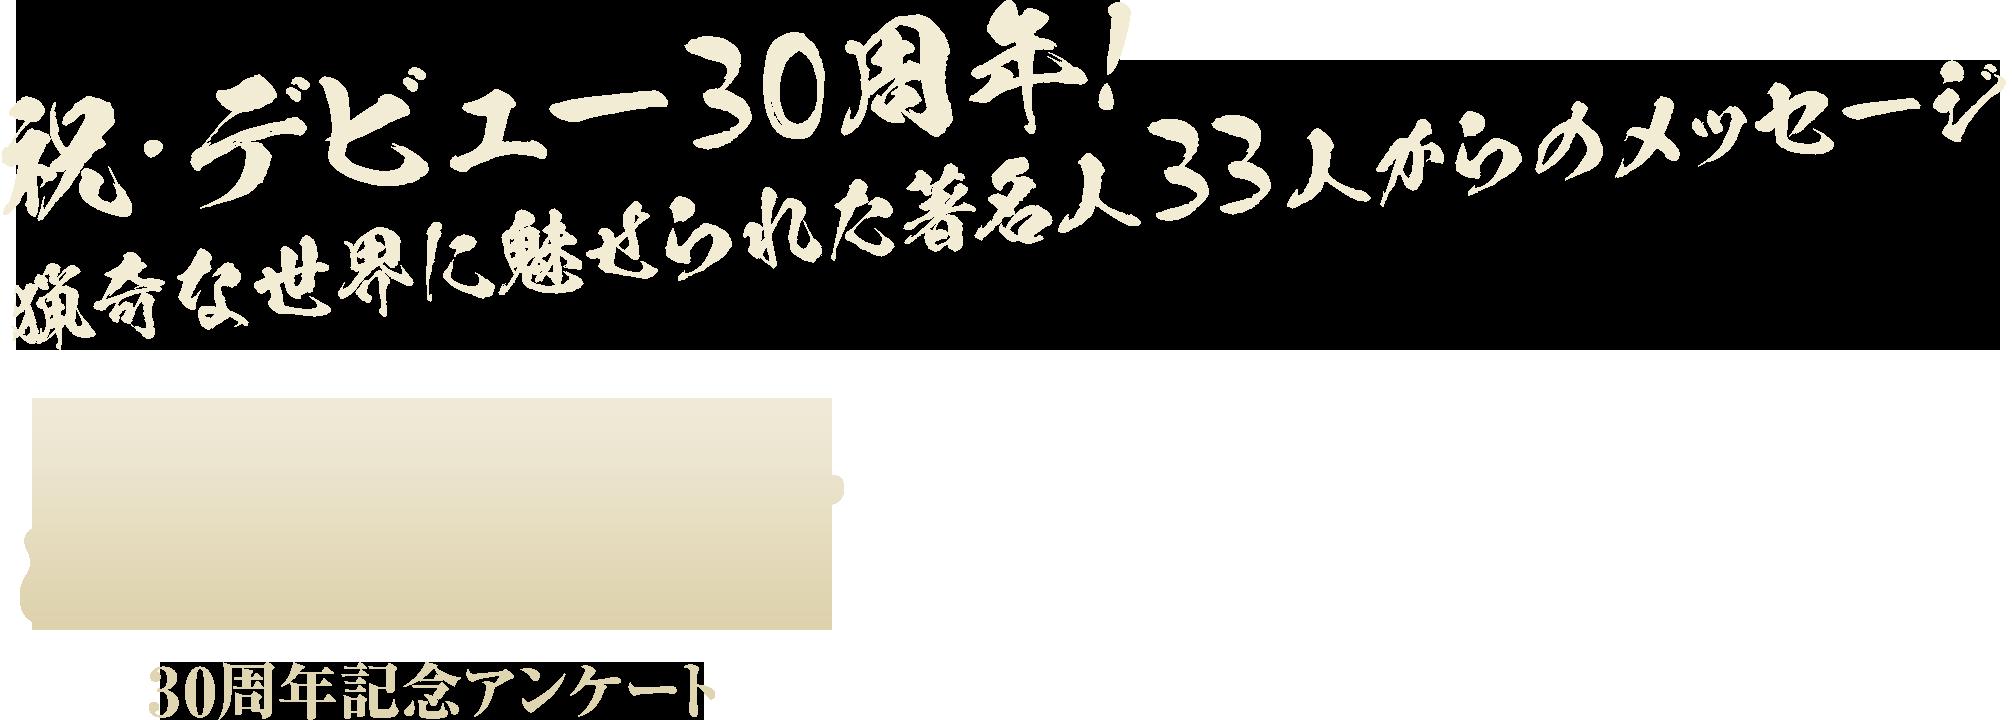 人間椅子30周年記念アンケート|祝・デビュー30周年!猟奇な世界に魅せられた著名人33人からのメッセージ